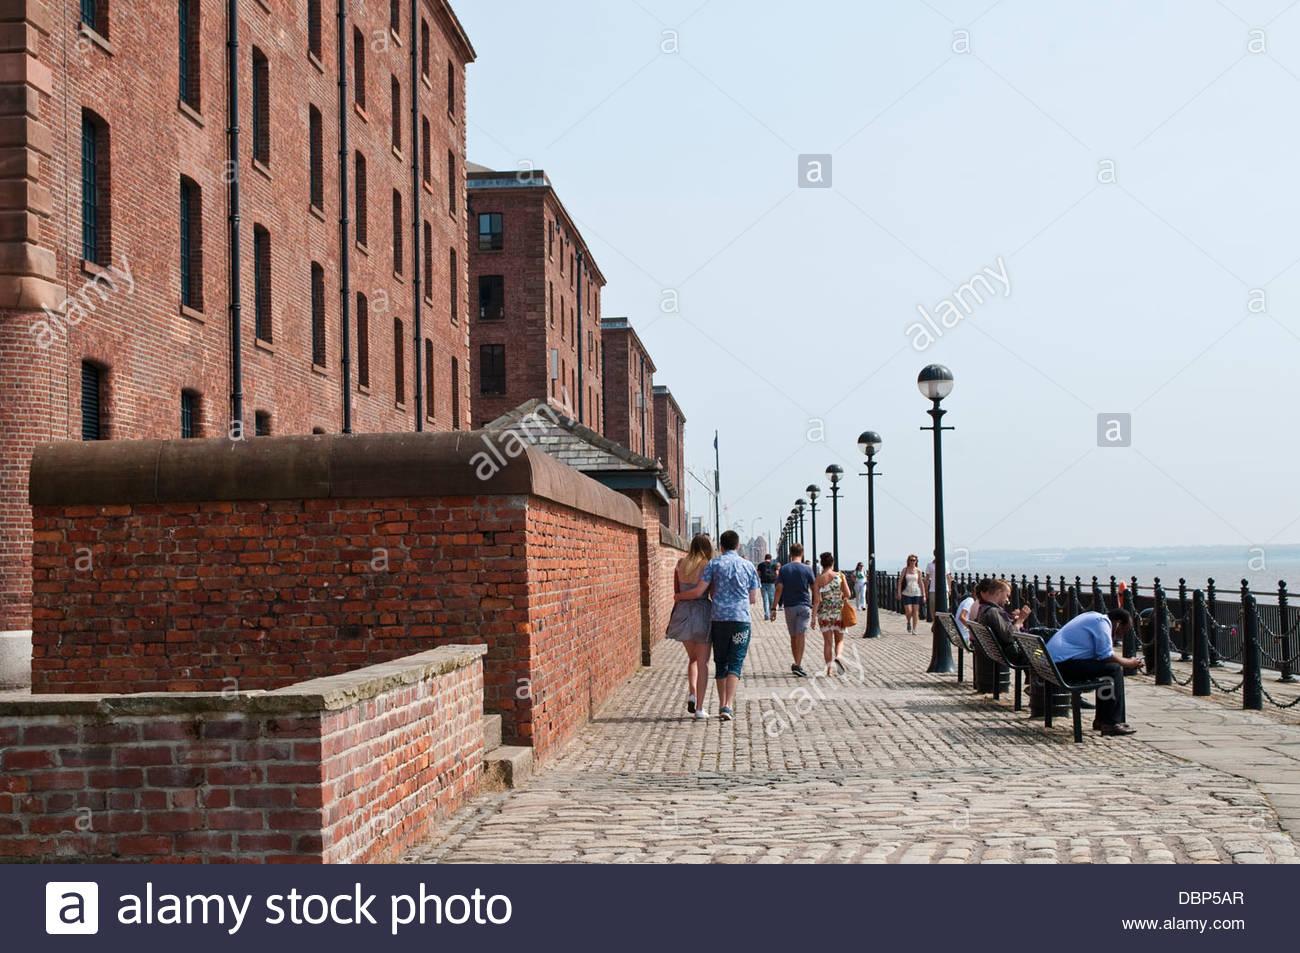 Promenade at the Mersey River, Albert Dock, Liverpool, UK - Stock Image